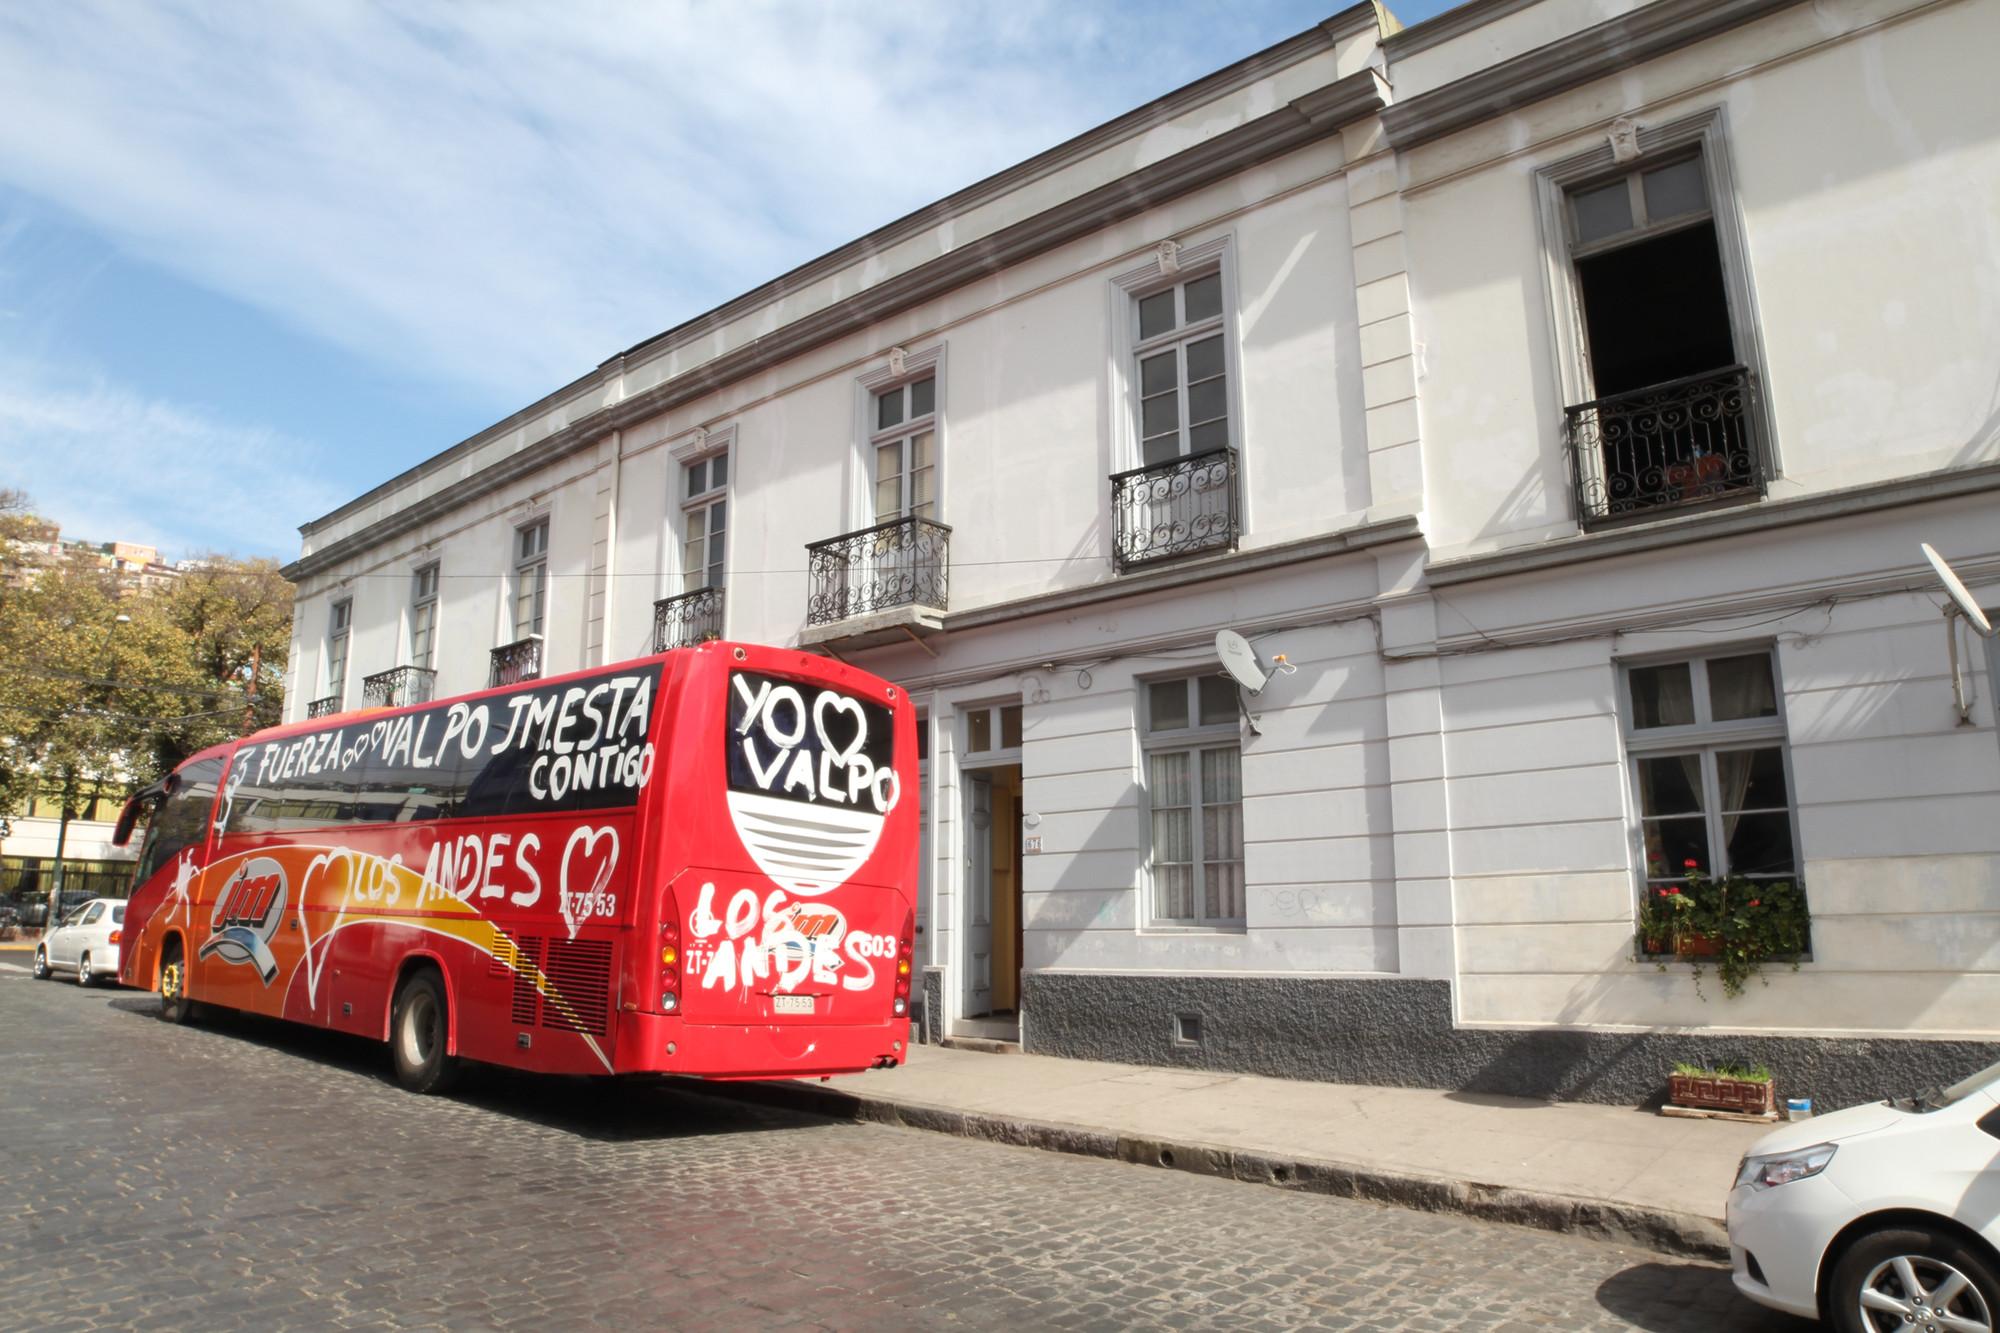 Bus de voluntarios en Valparaíso. Image © Nicolás Valencia M.